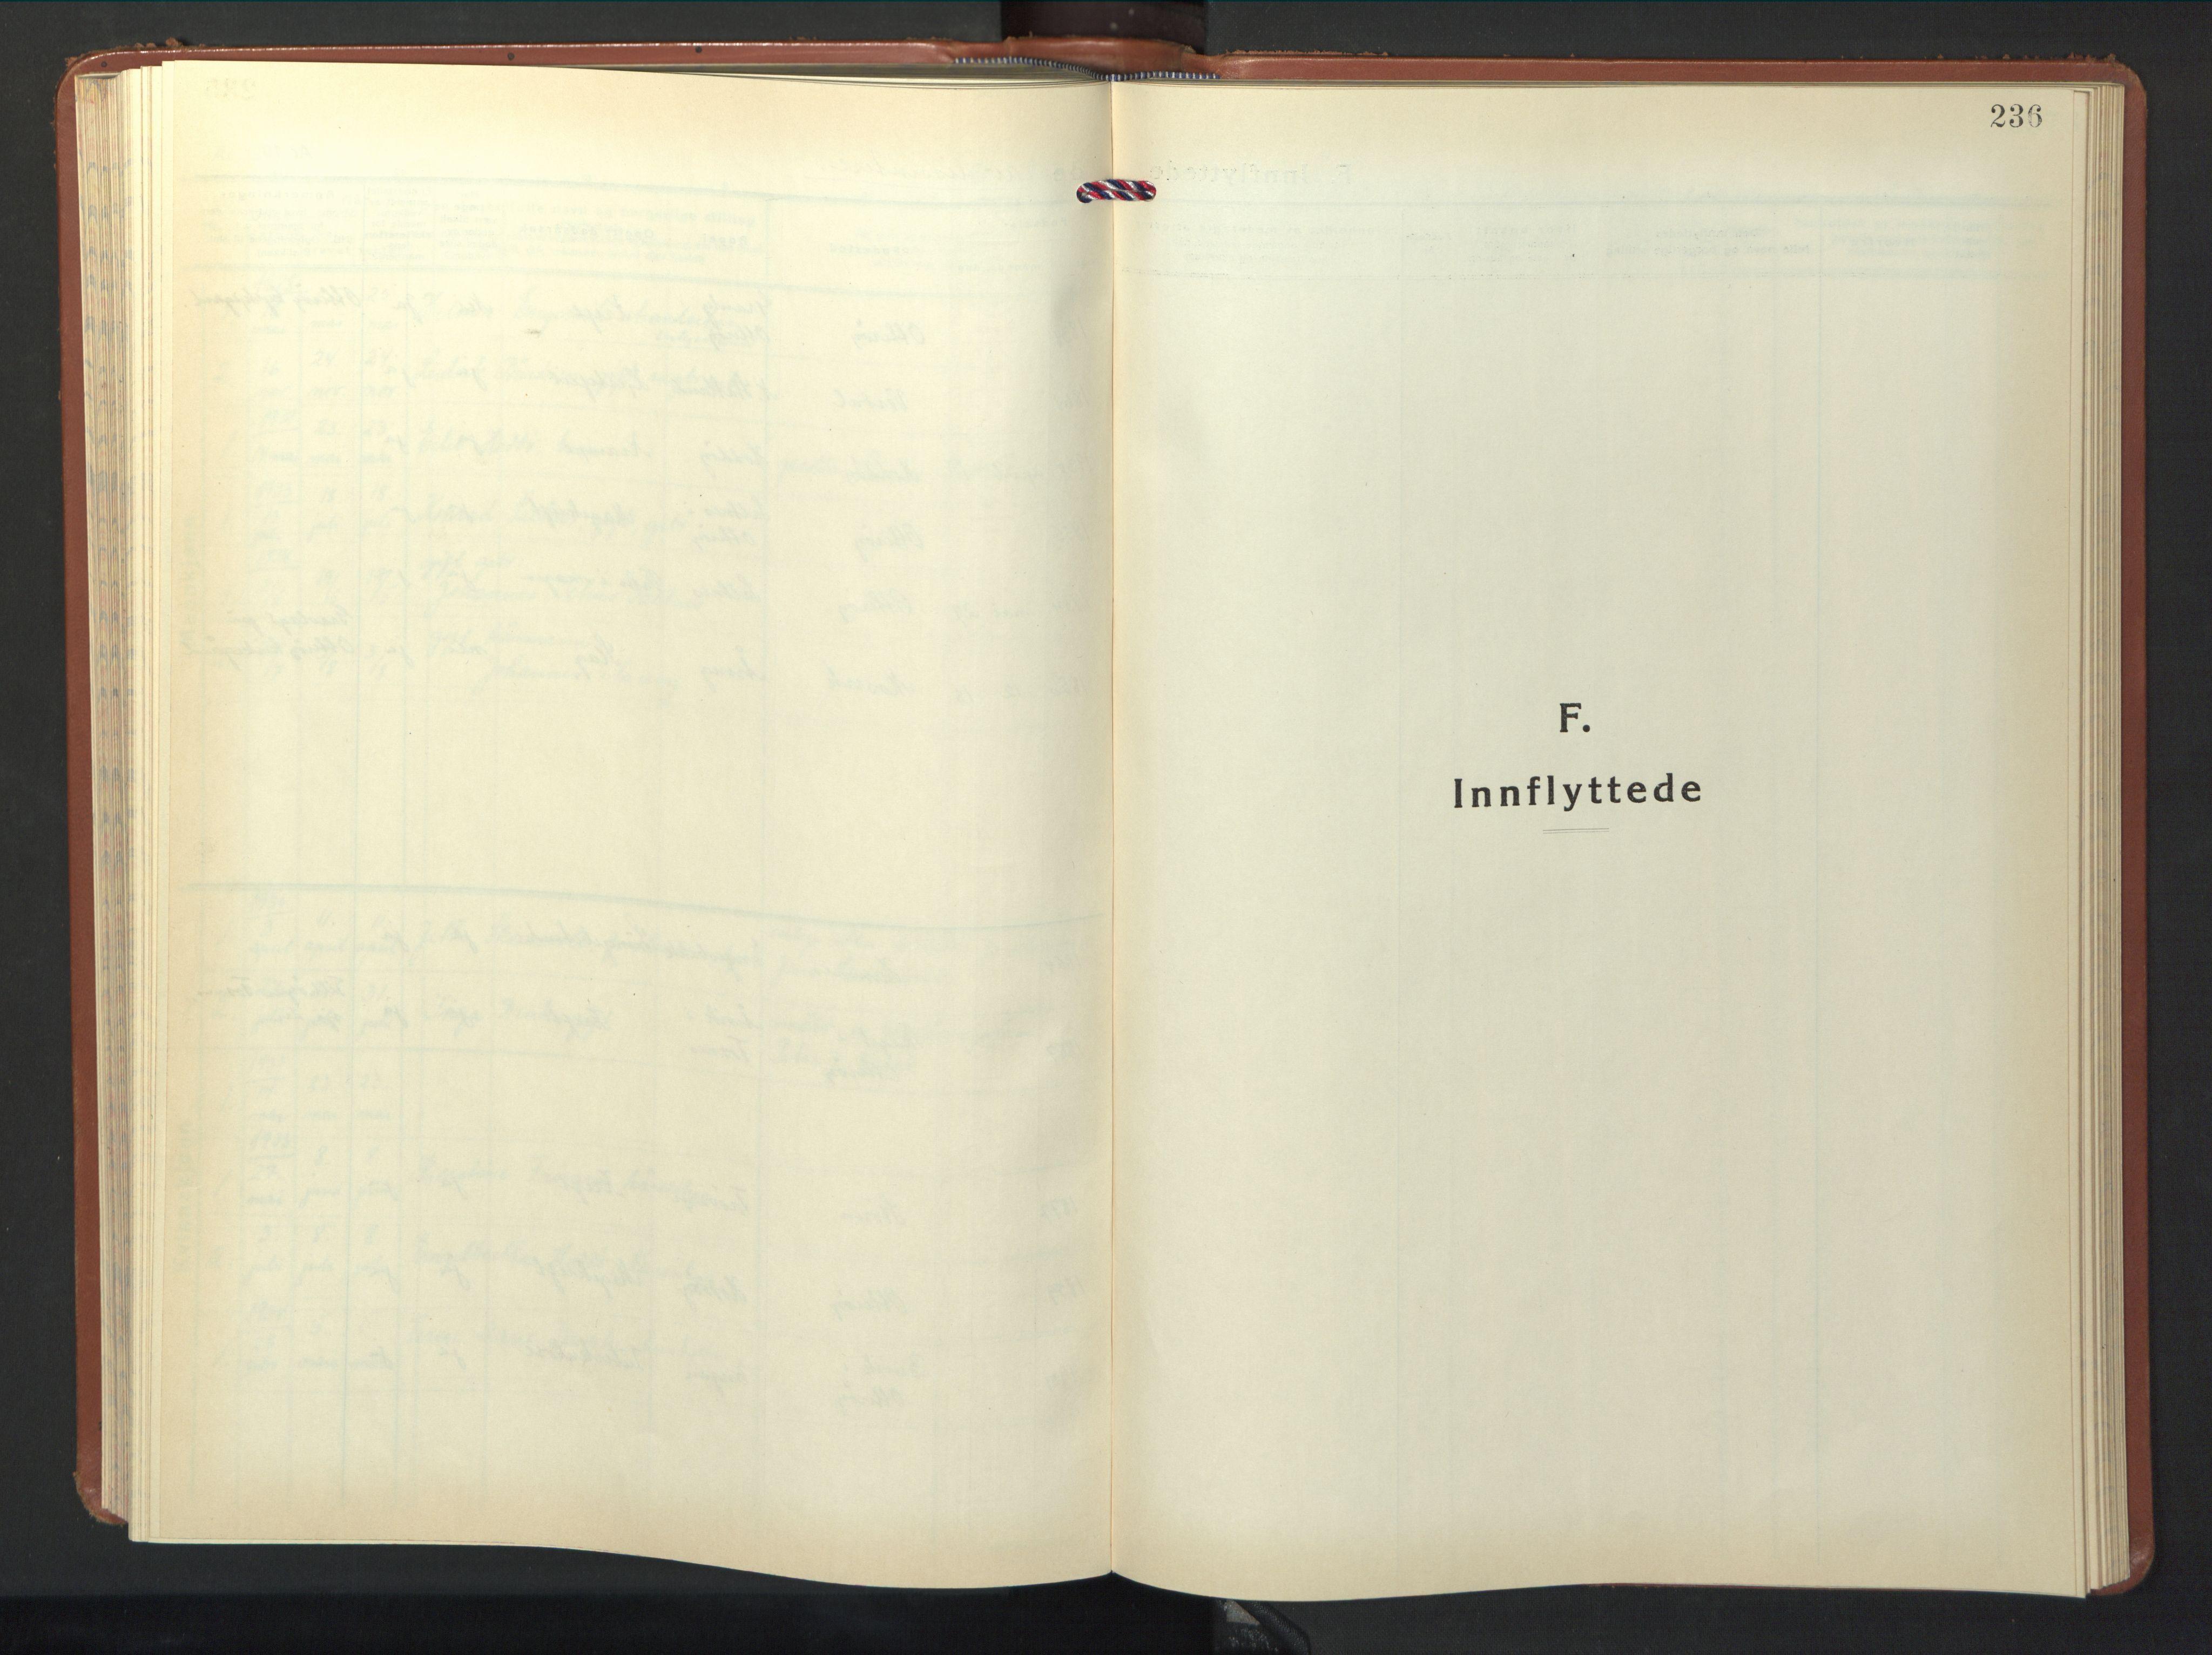 SAT, Ministerialprotokoller, klokkerbøker og fødselsregistre - Nord-Trøndelag, 774/L0631: Klokkerbok nr. 774C02, 1934-1950, s. 236